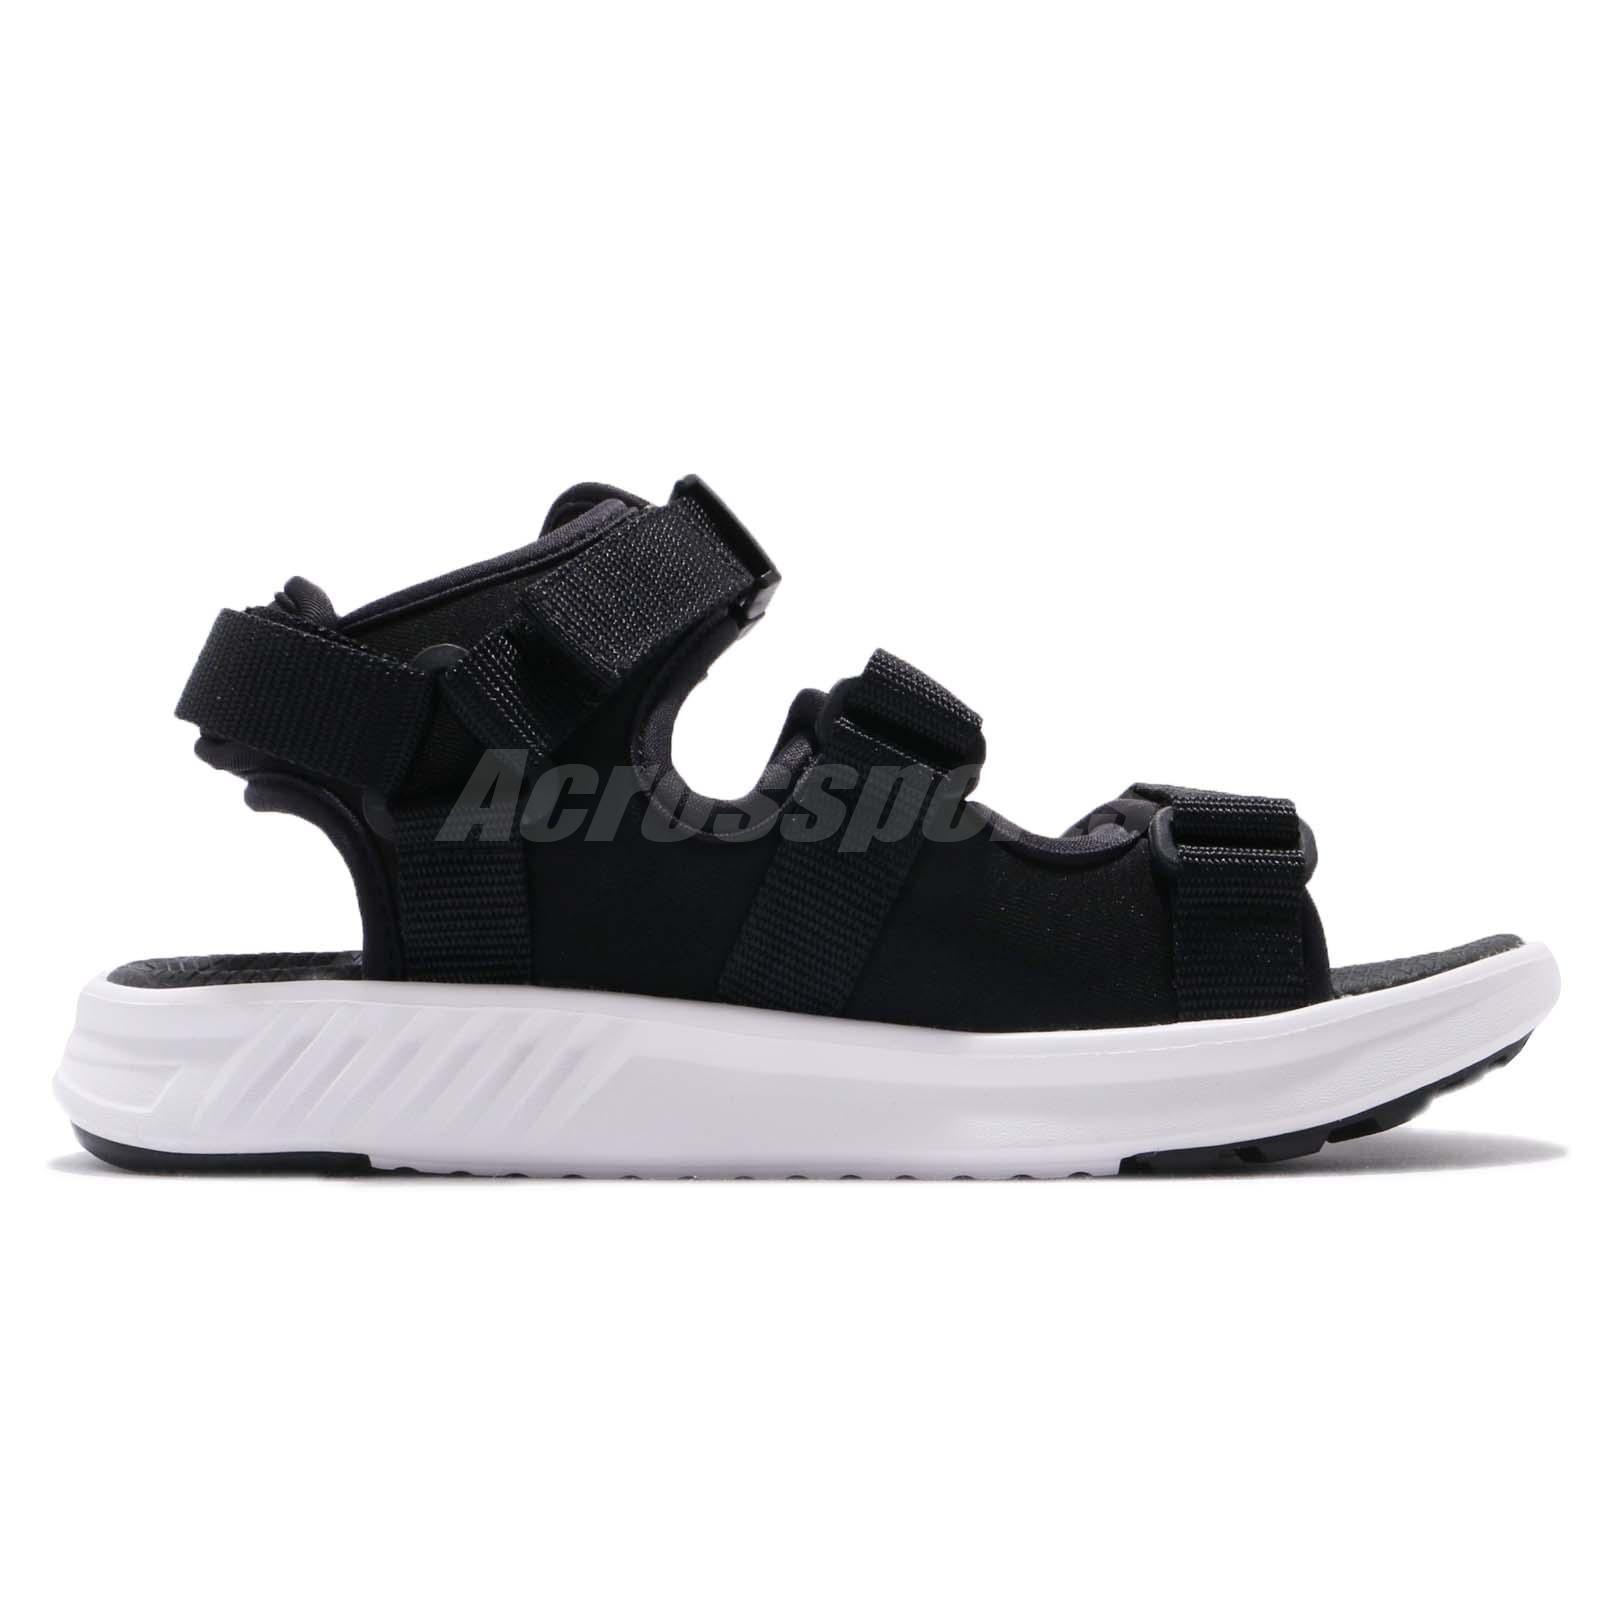 fe5c41cd1497f9 New Balance SD750BK D Black White Men Women One Click Sandal ...